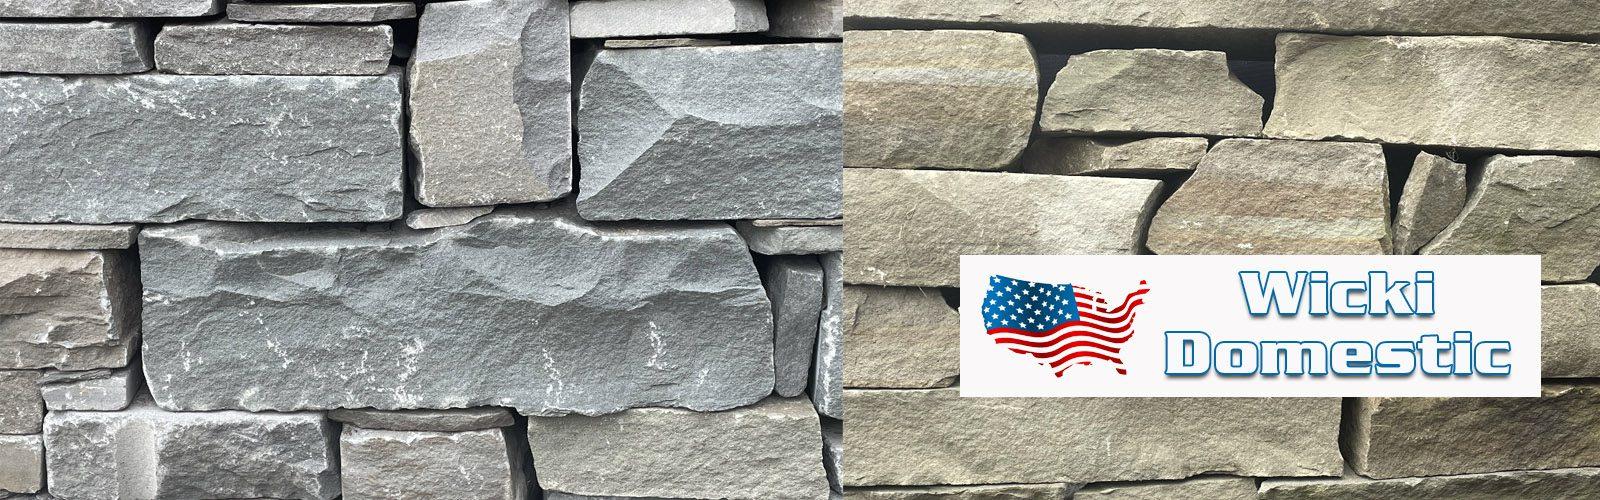 Wicki-Domestic-Veneer-Stone-Dealer-NJ